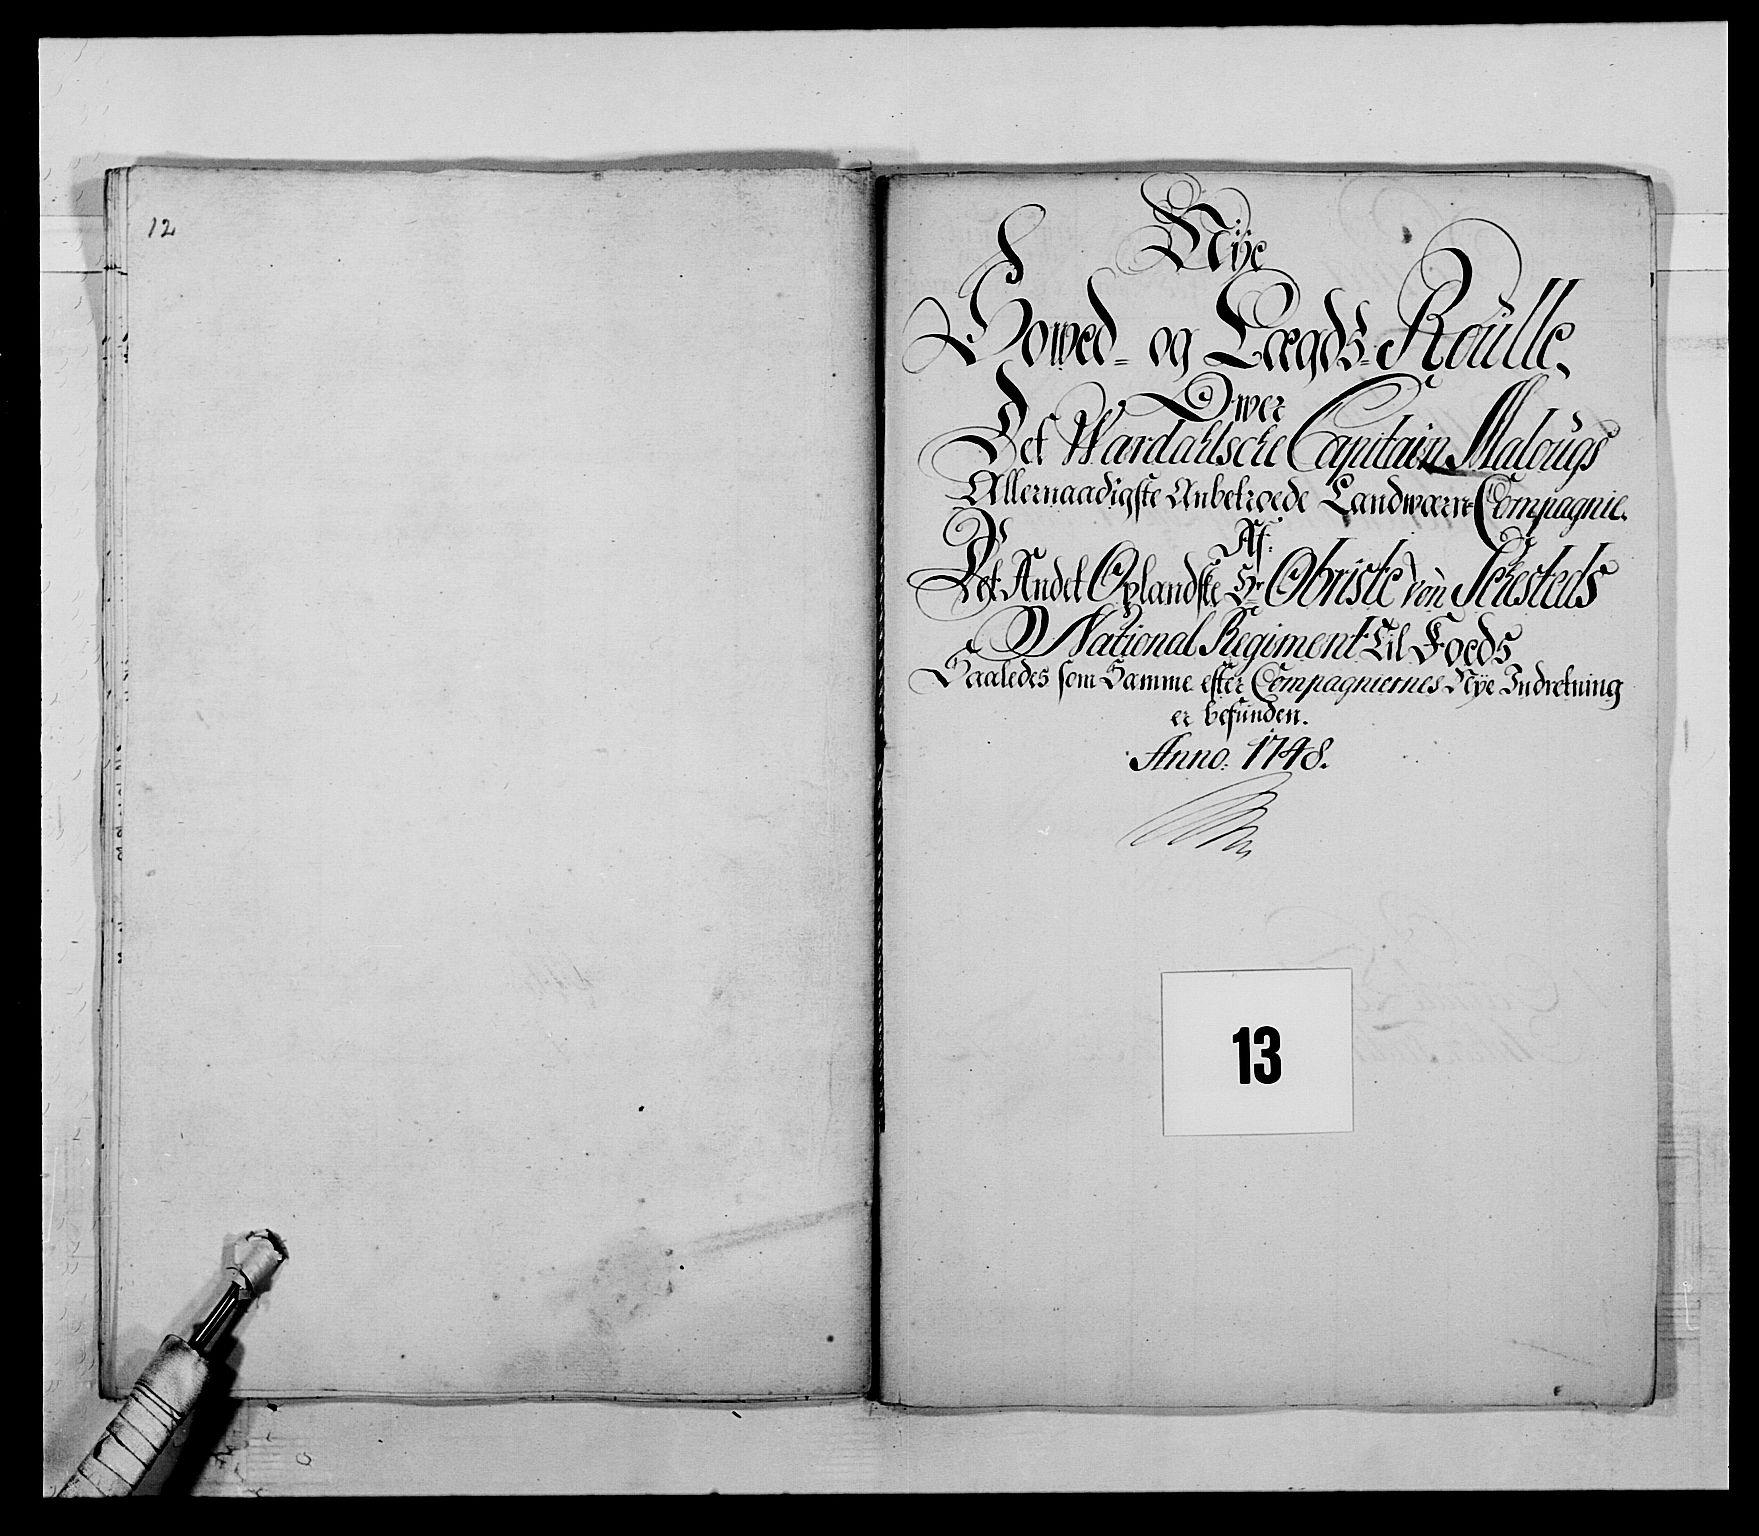 RA, Kommanderende general (KG I) med Det norske krigsdirektorium, E/Ea/L0505: 2. Opplandske regiment, 1748, s. 355